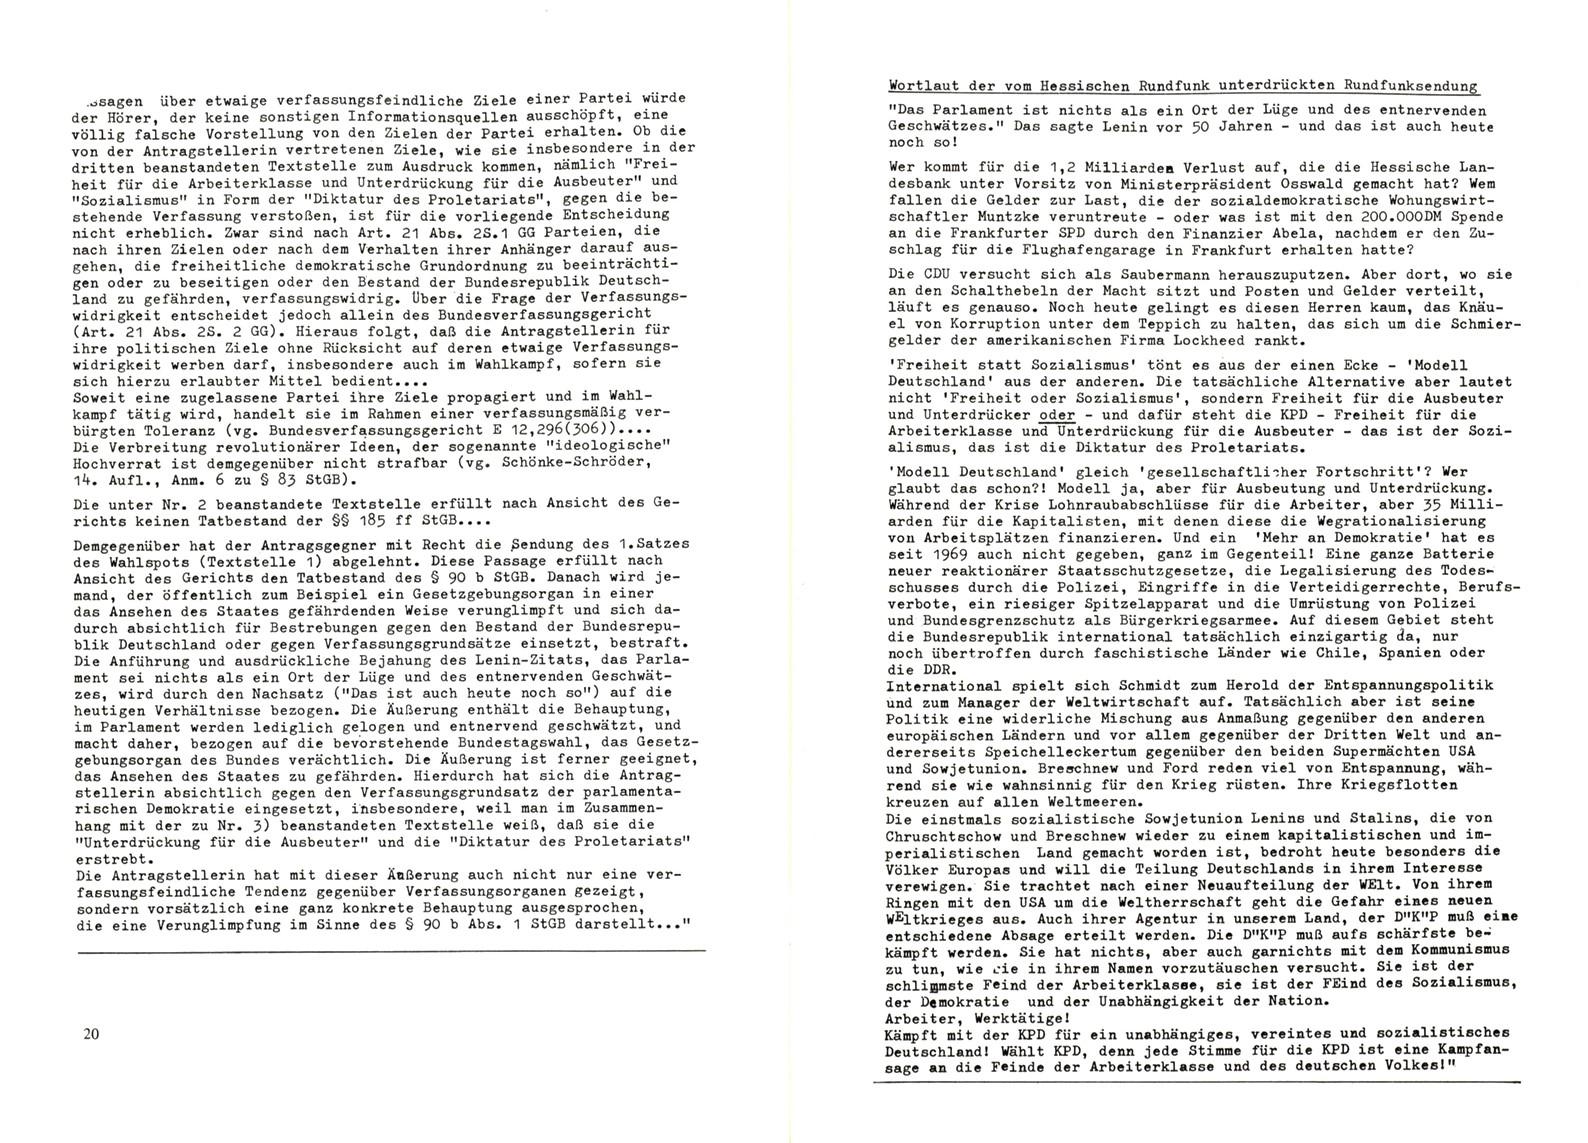 KPDAO_1976_Wahlbehinderungen_im_BTW_12